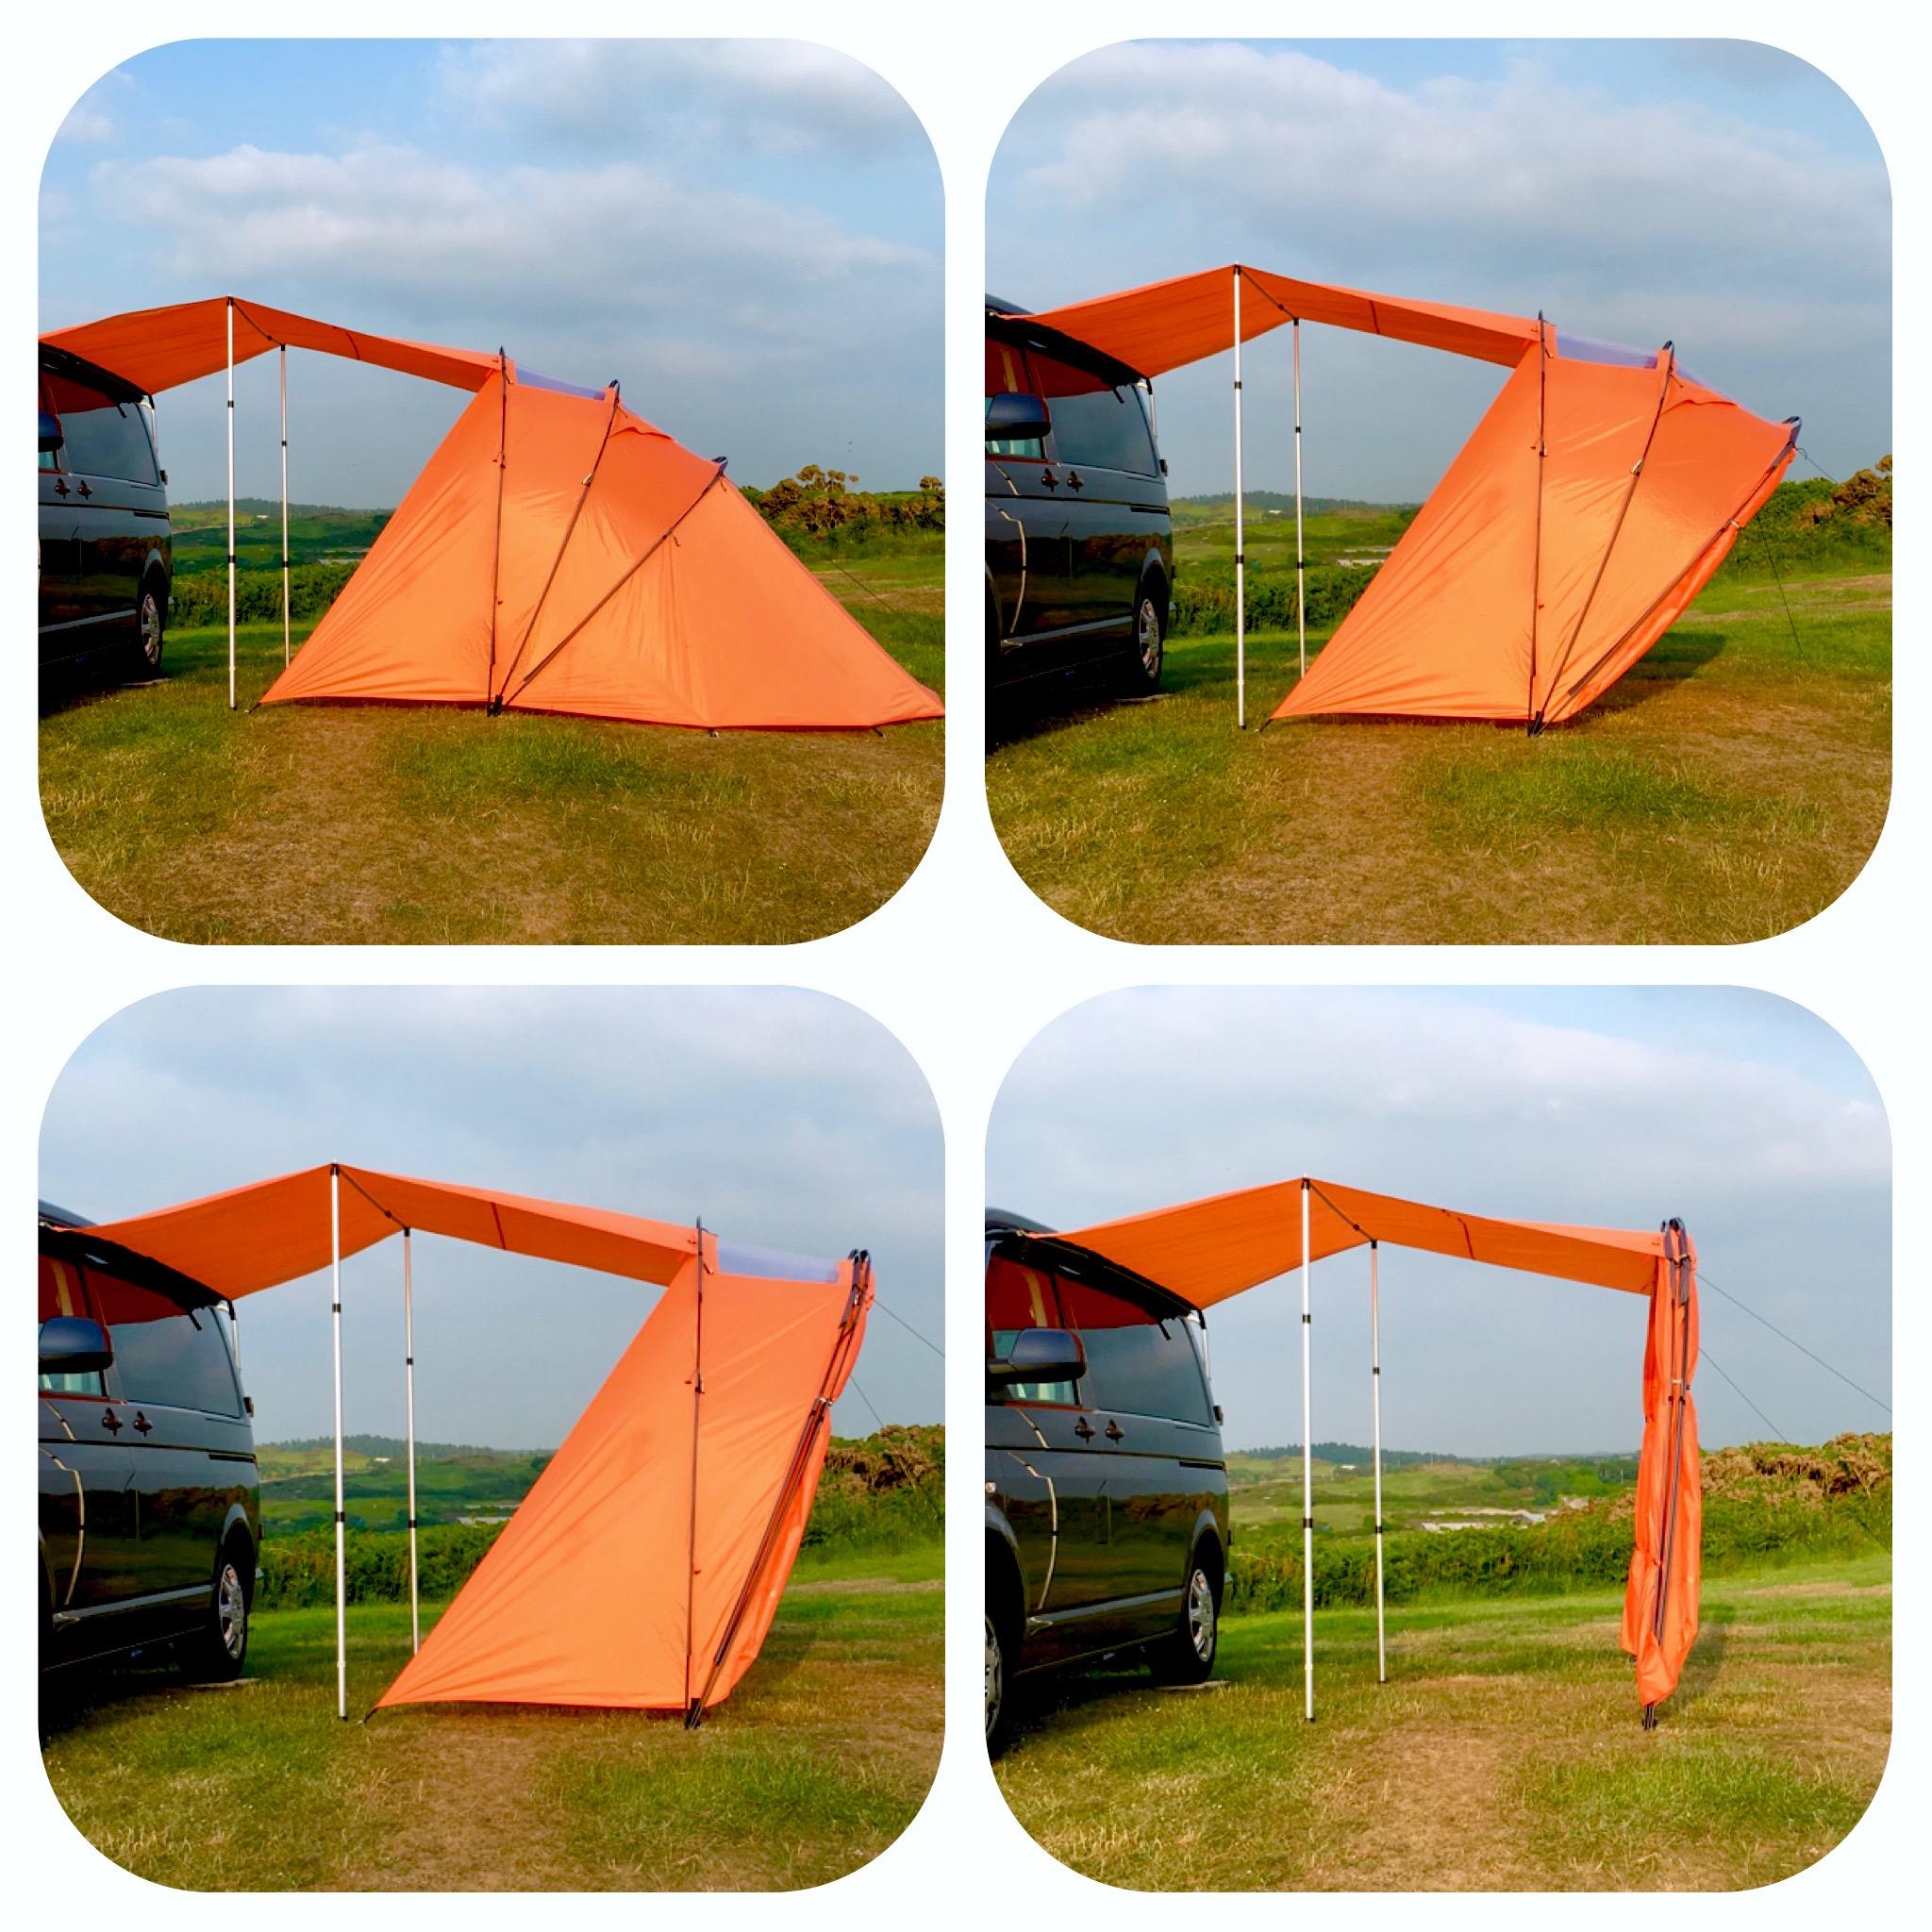 sheltapod-folds-up-to-canopy